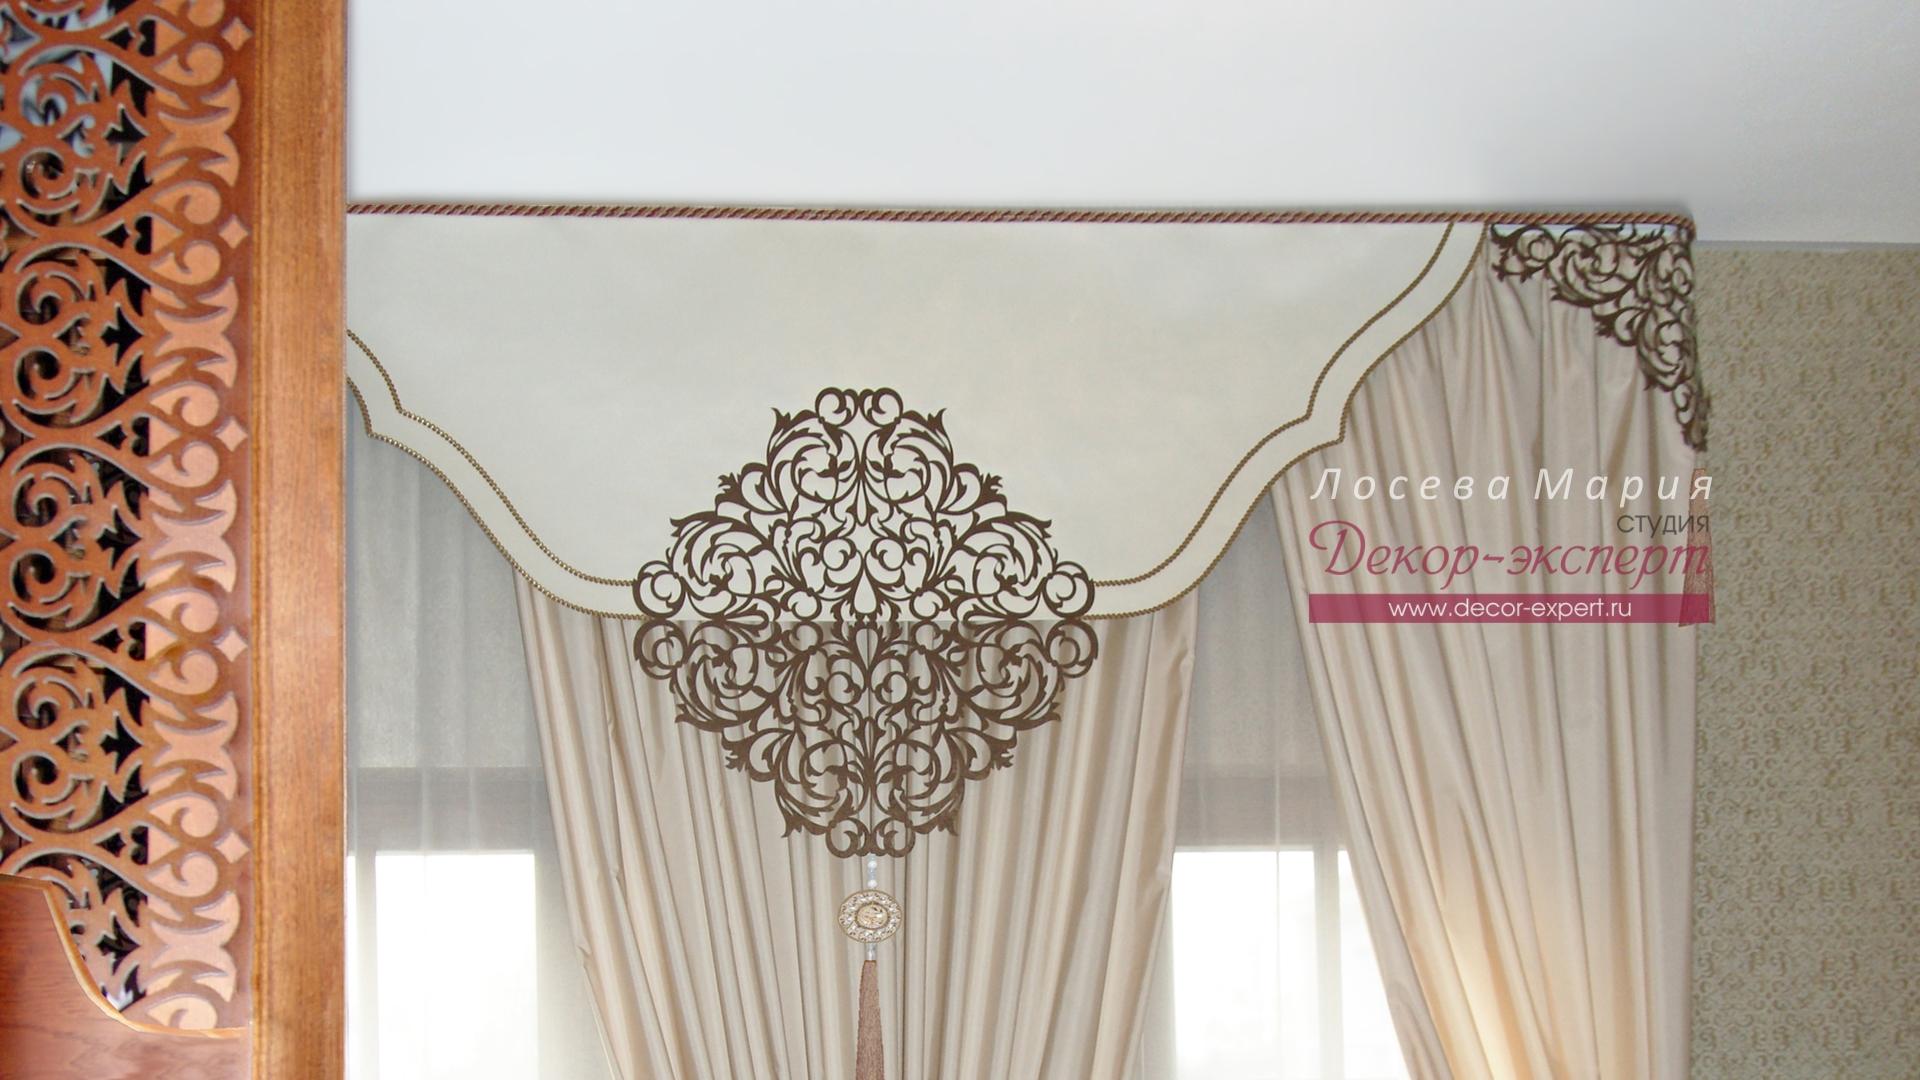 Фото штор с с ажурным элементом на гладким ламбрекене